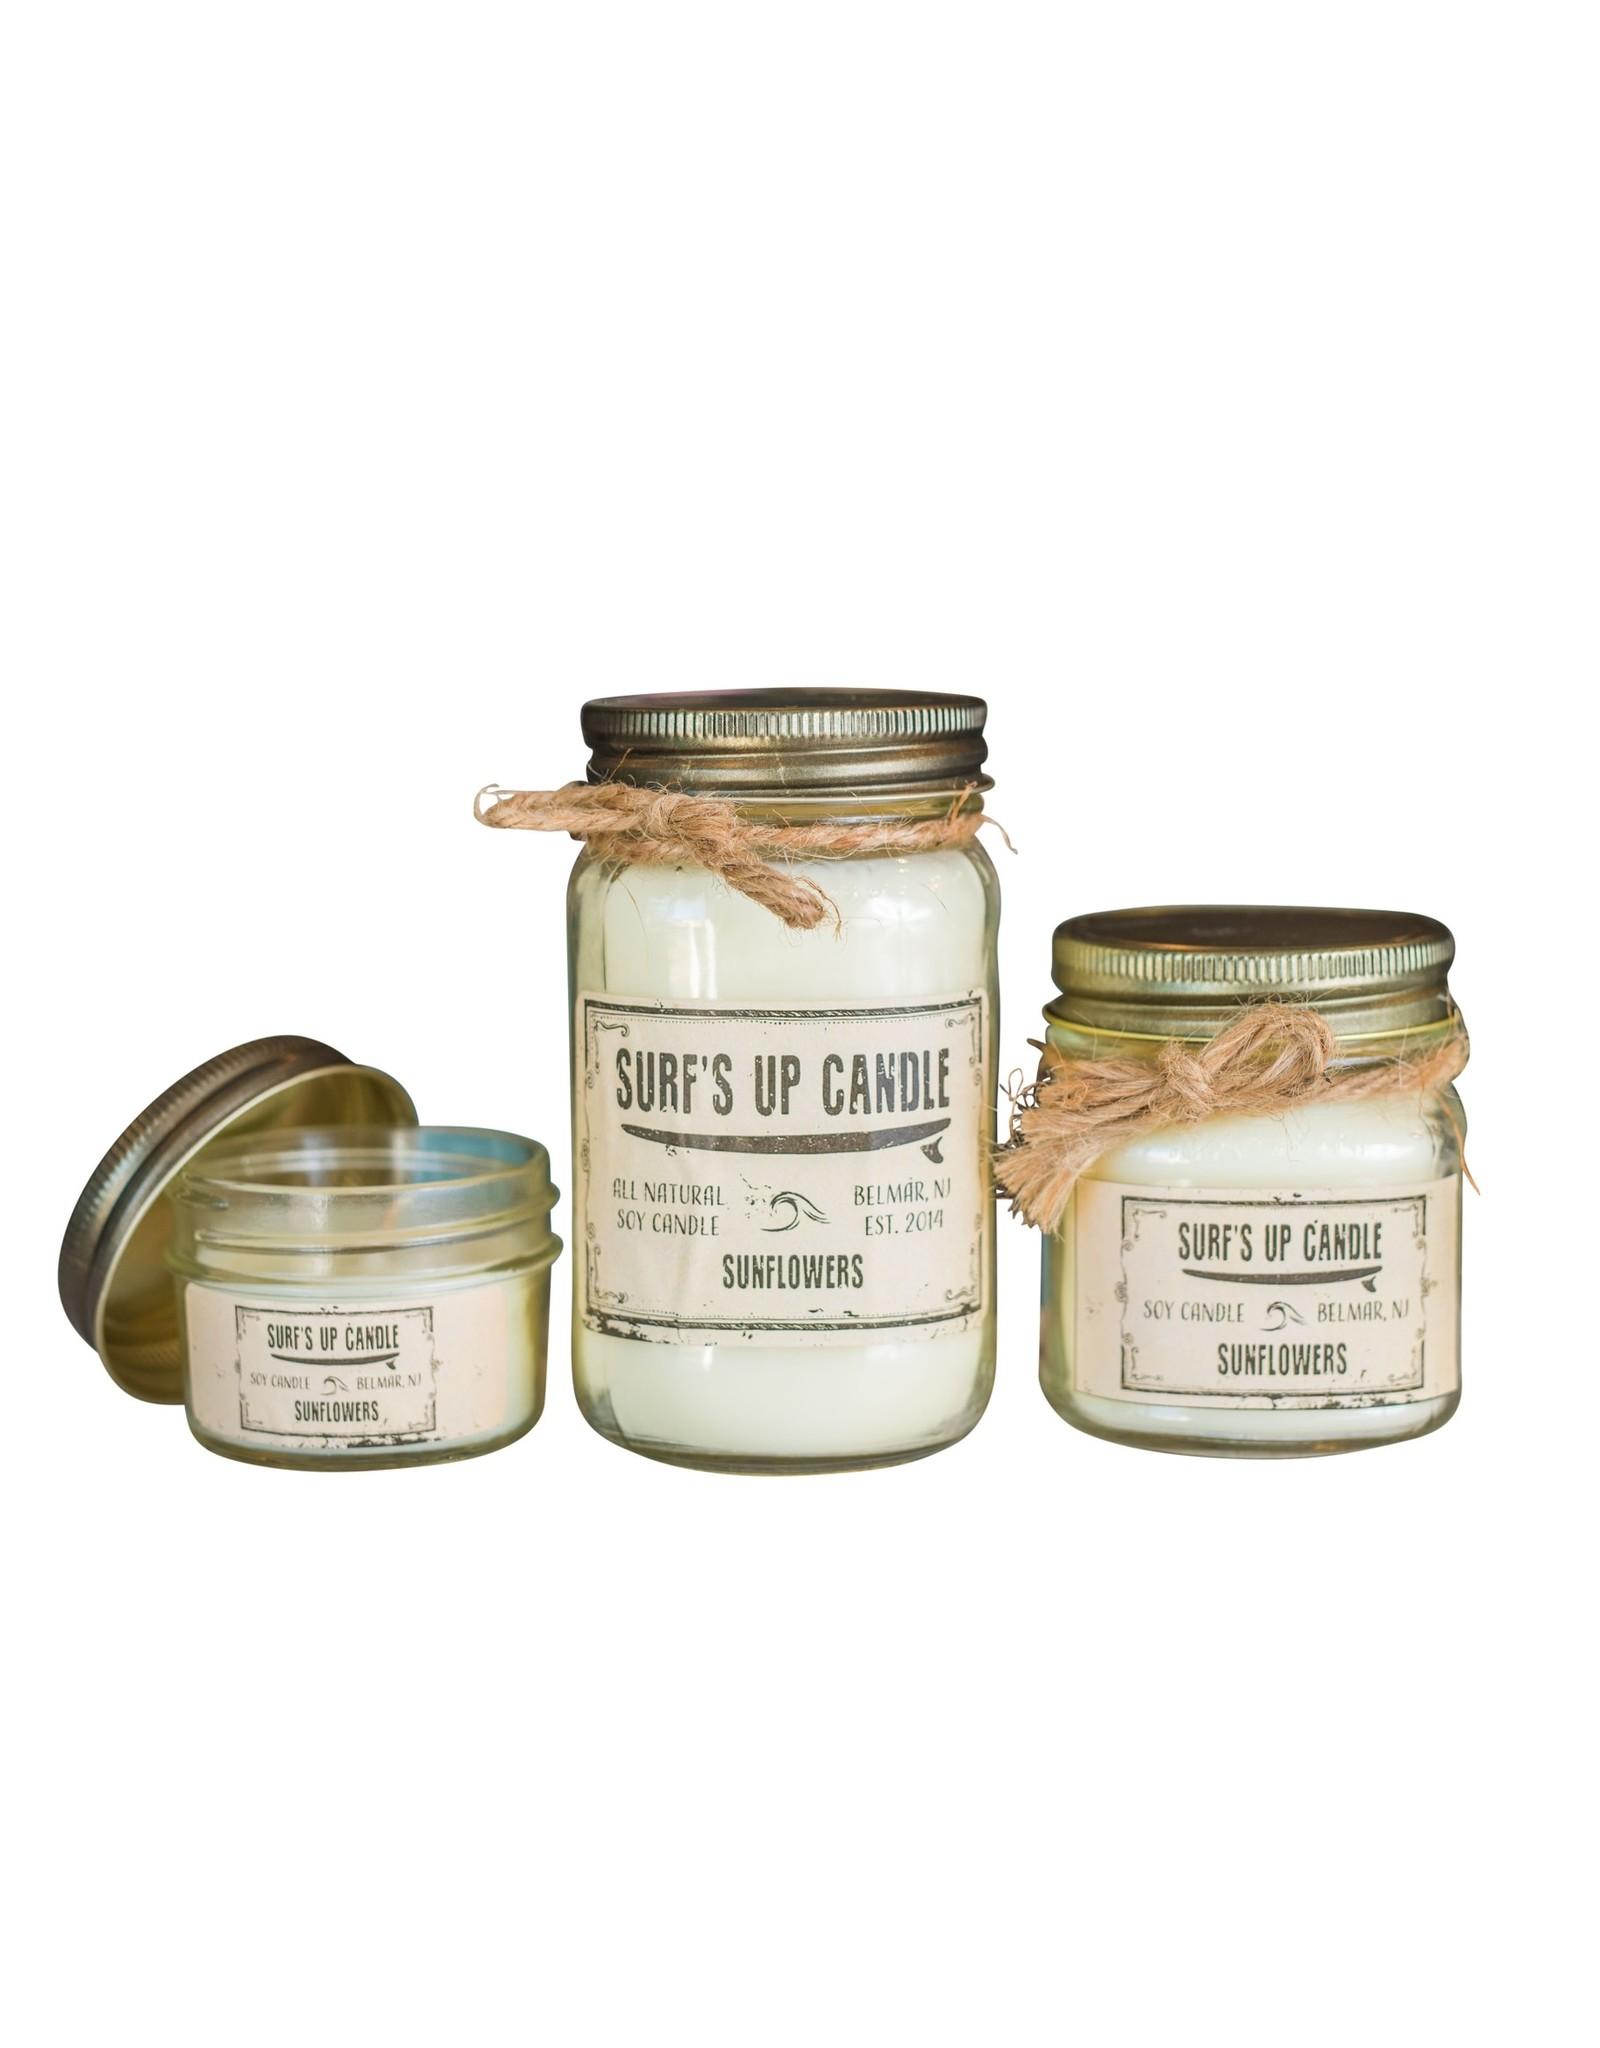 Surfs Up Candle Sunflower Mason Jar Candle - 4 oz